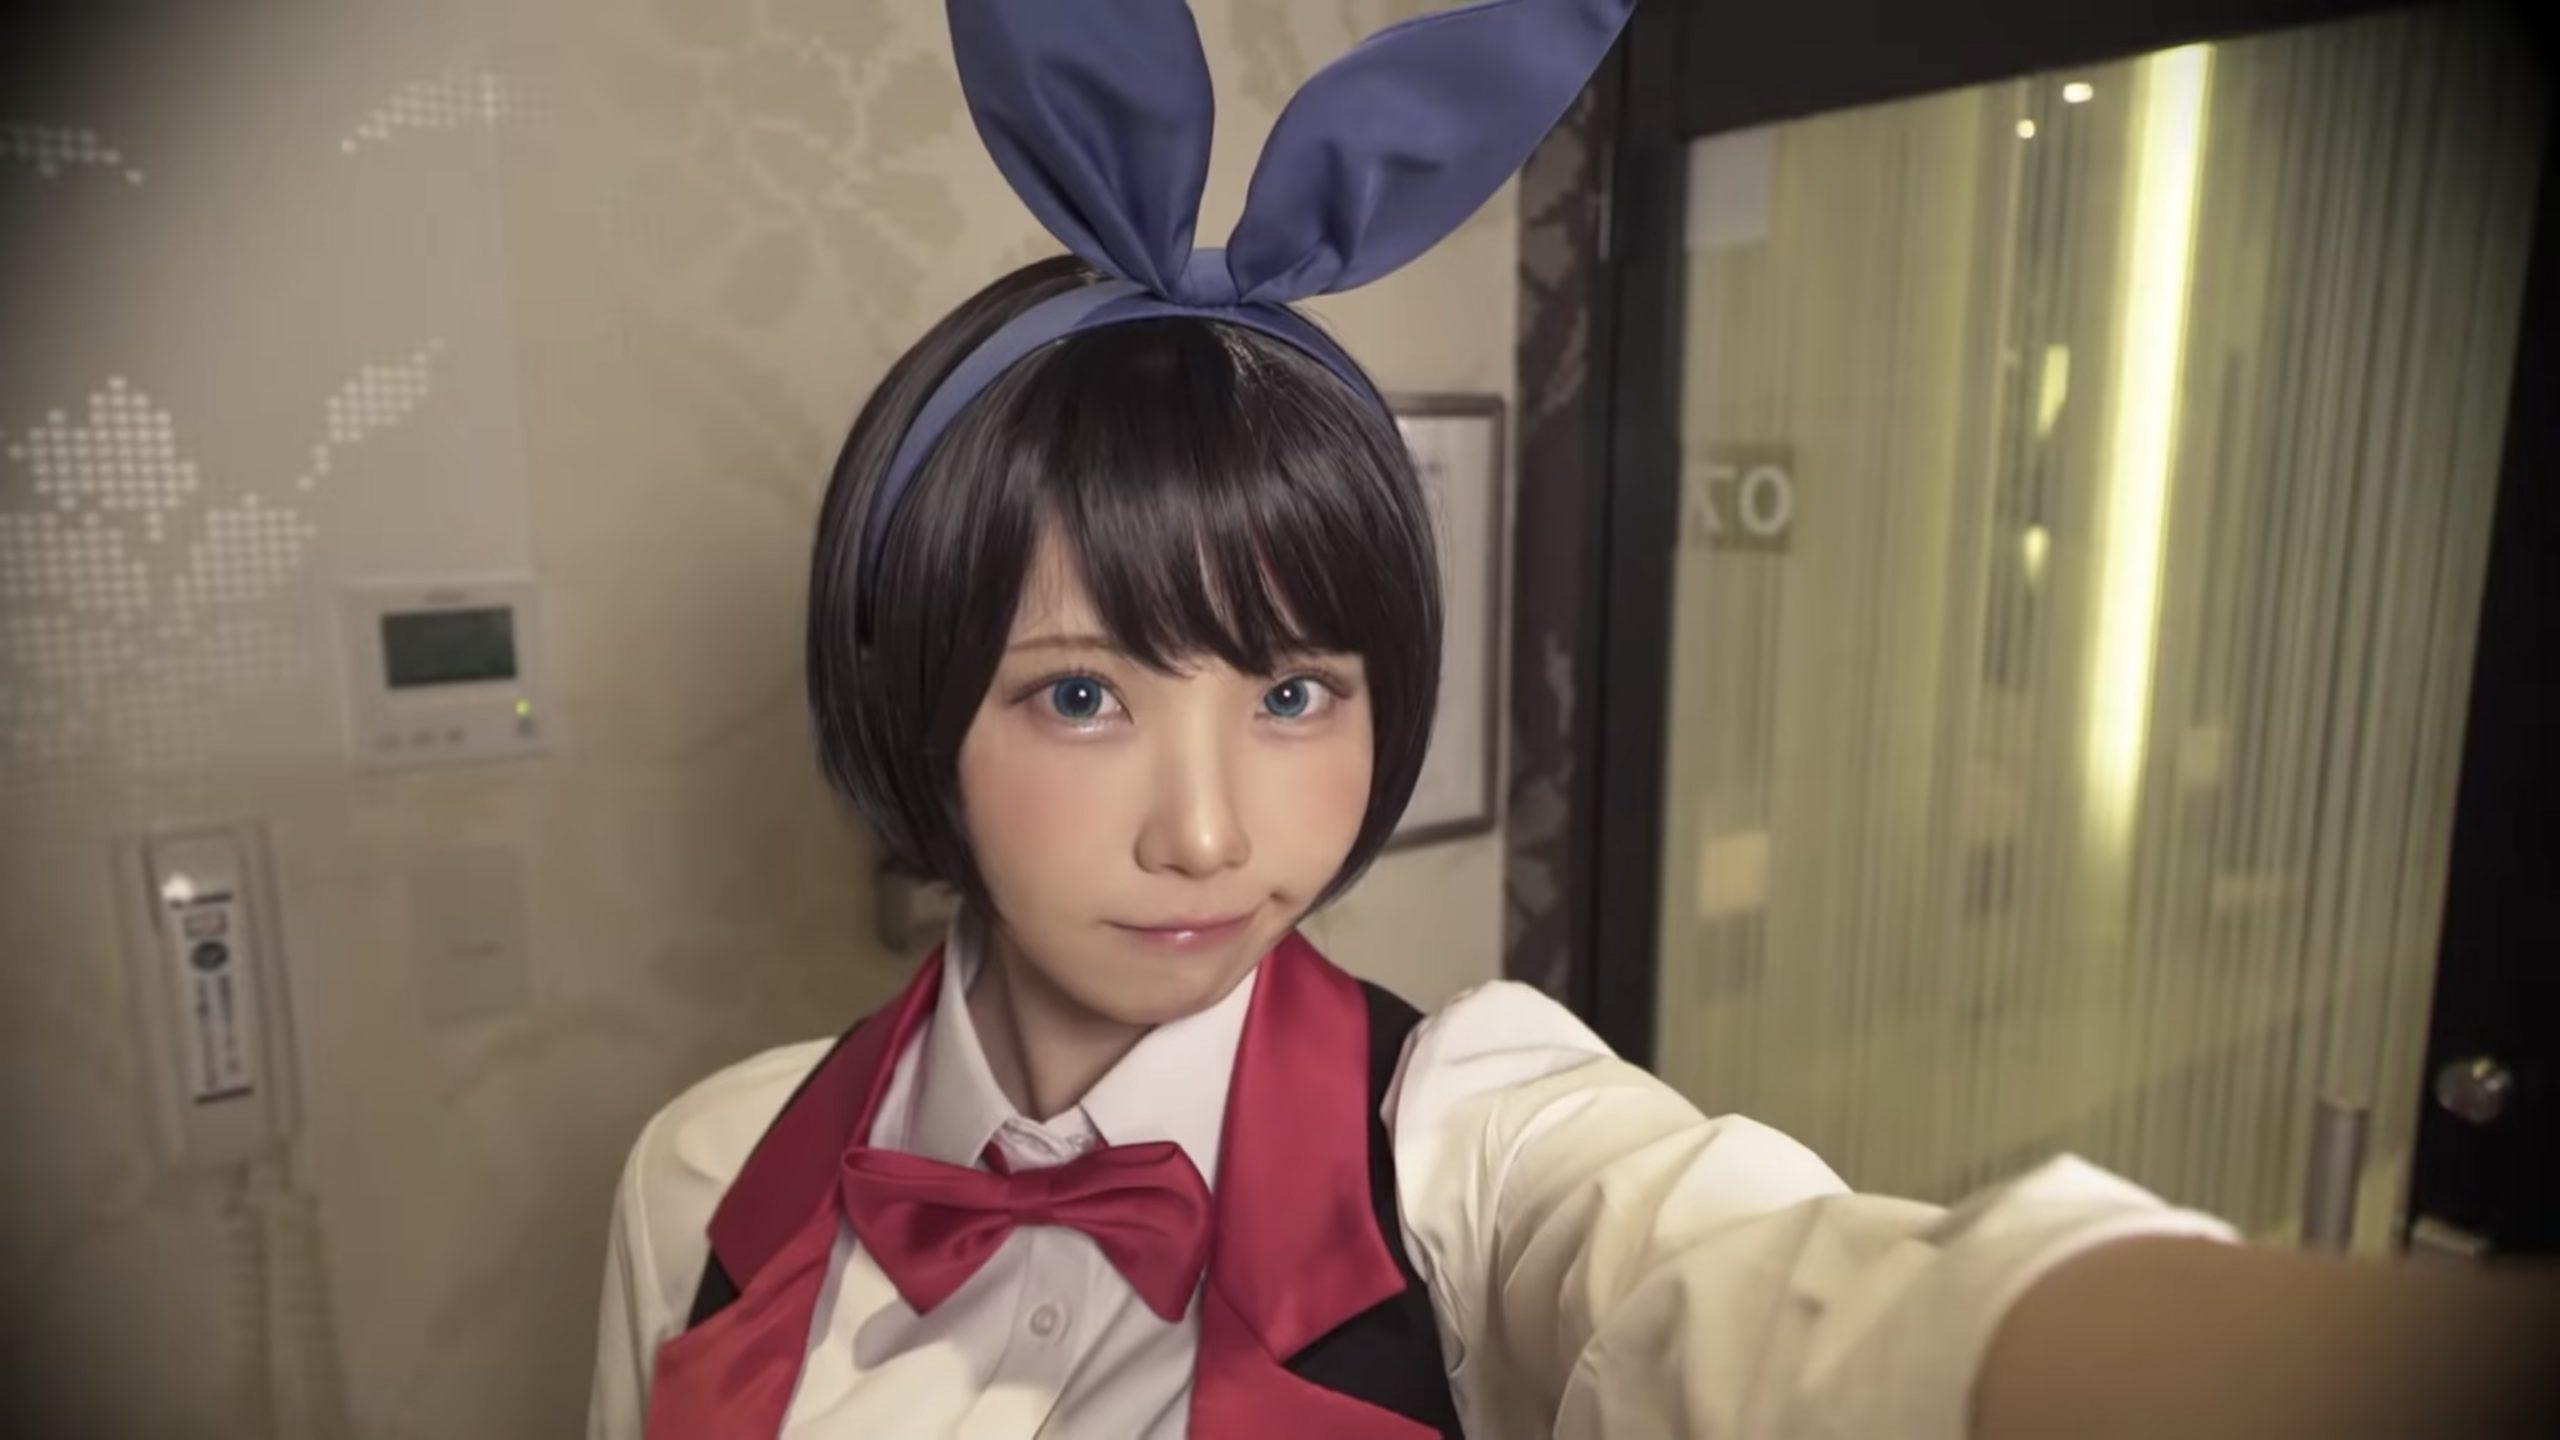 الحكومة اليابانية تفكر في فرض قيود على الكوسبلاي!